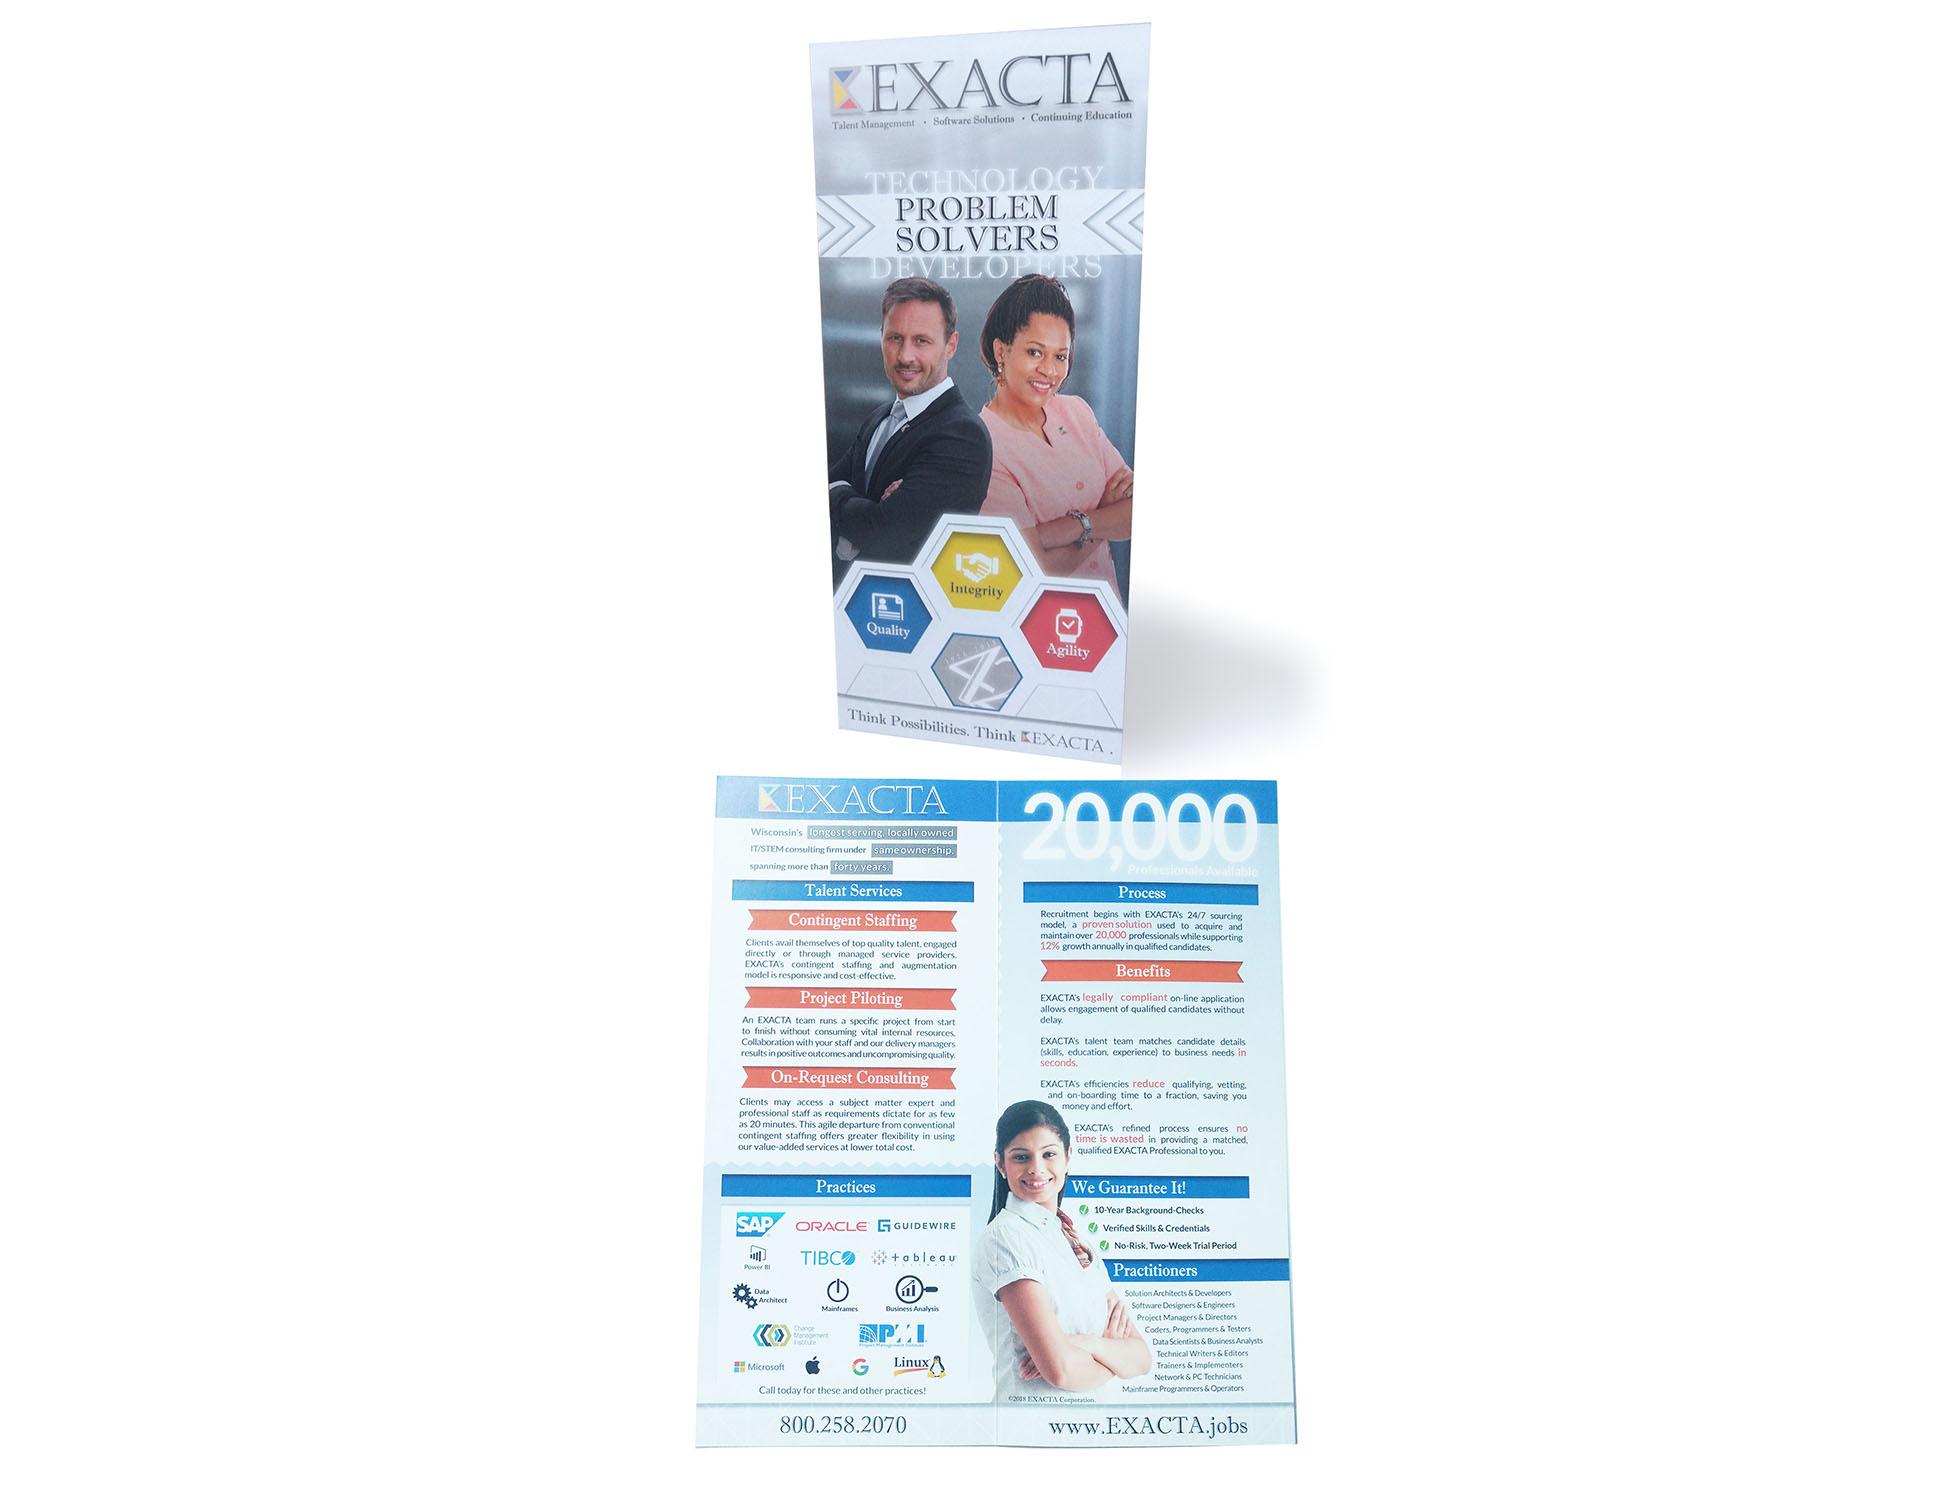 Talent brochure for EXACTA Corporation